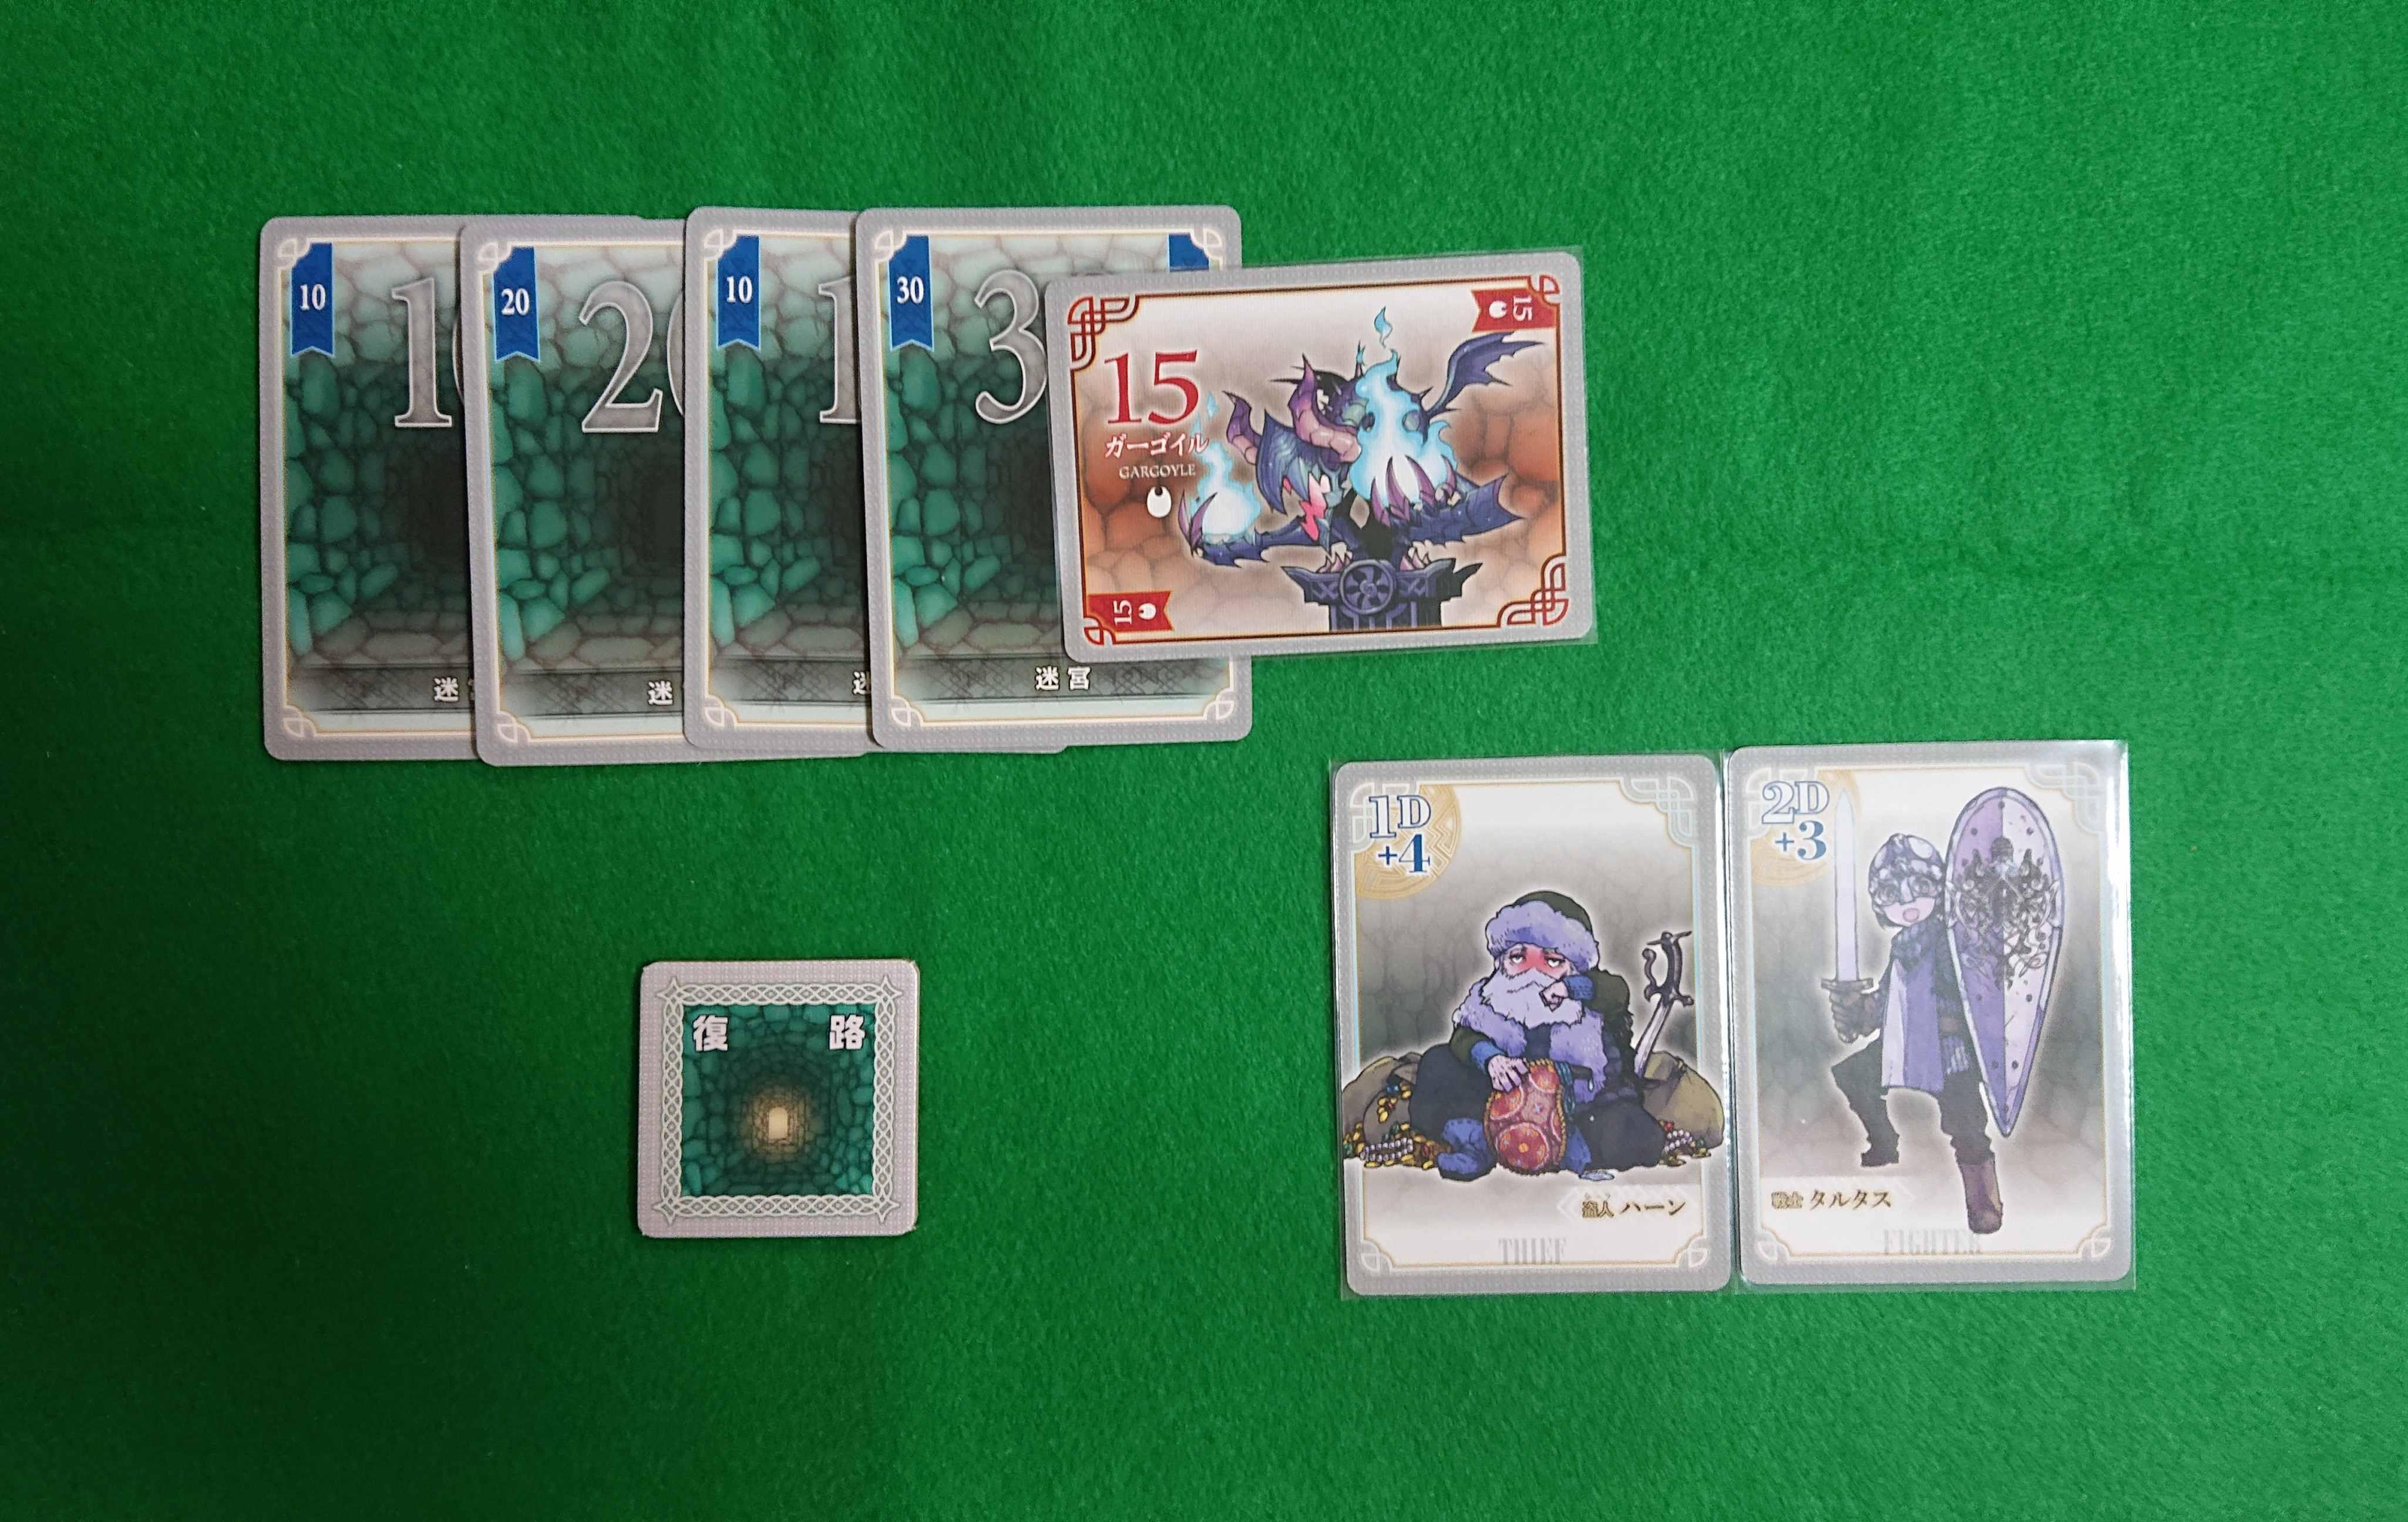 モンスターメーカー(MONSTER MAKER) ボードゲーム カードゲーム